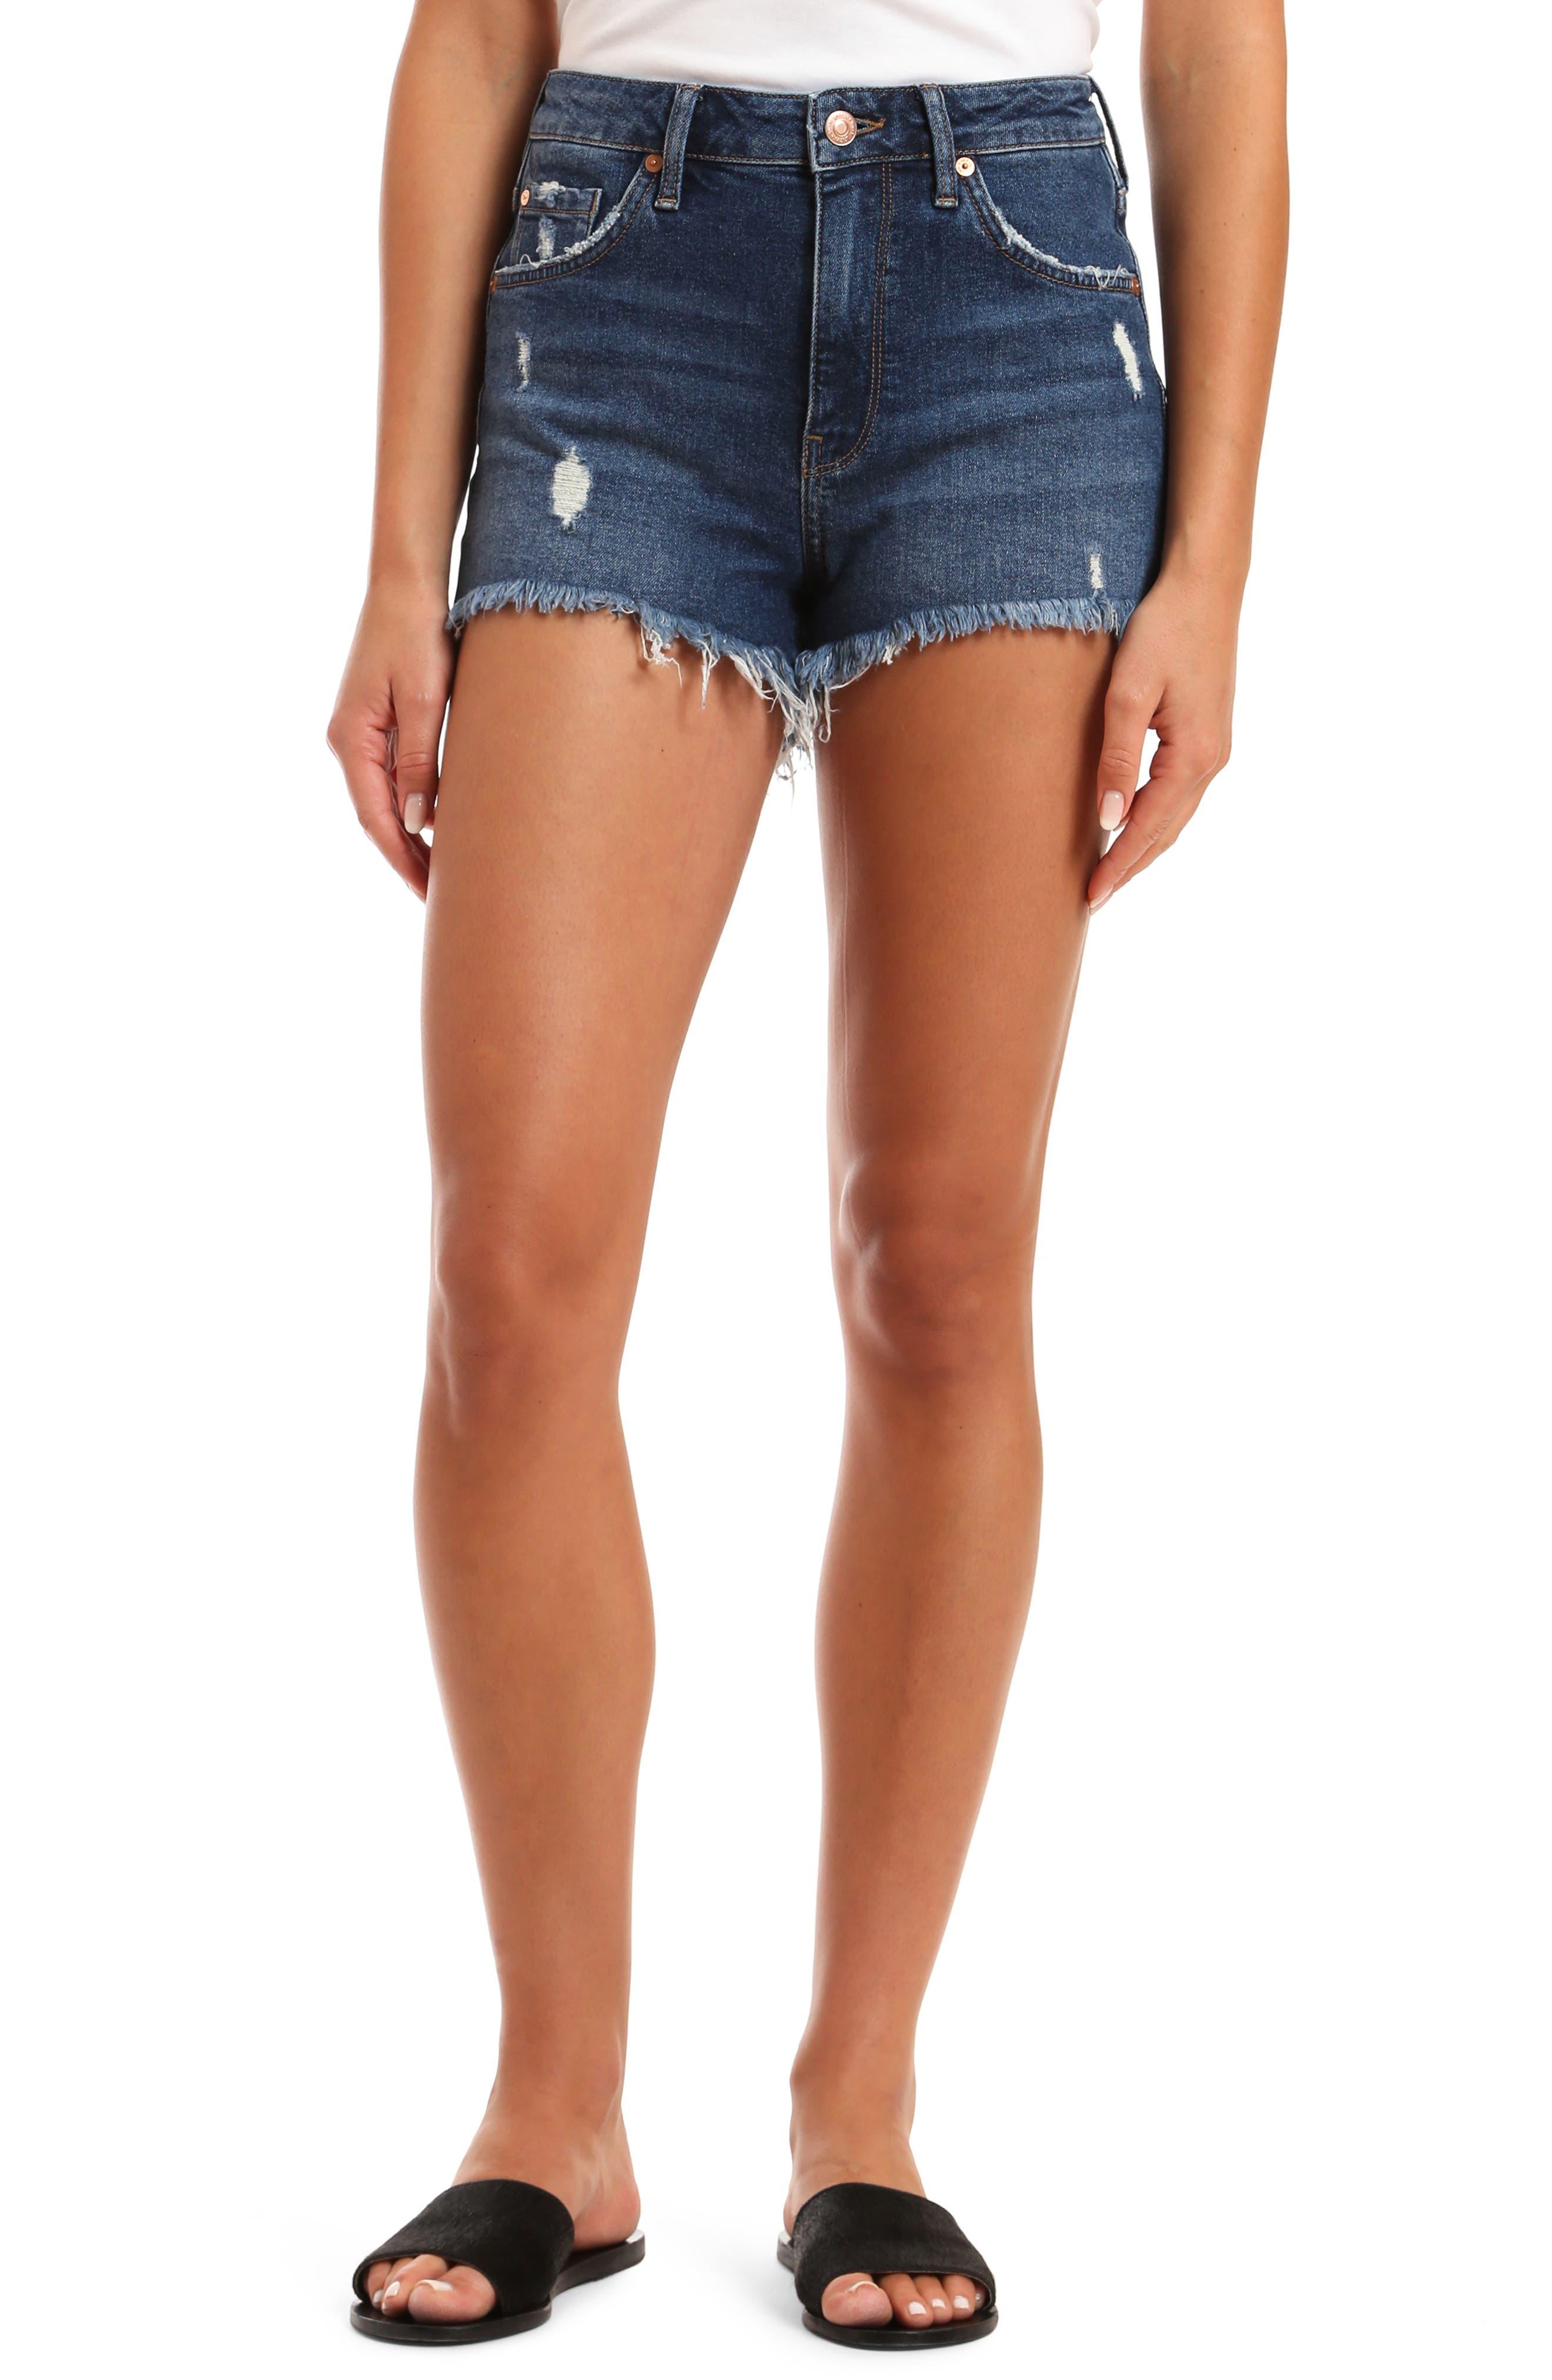 Mavi Jeans Rosie High Waist Boyfriend Cutoff Denim Shorts